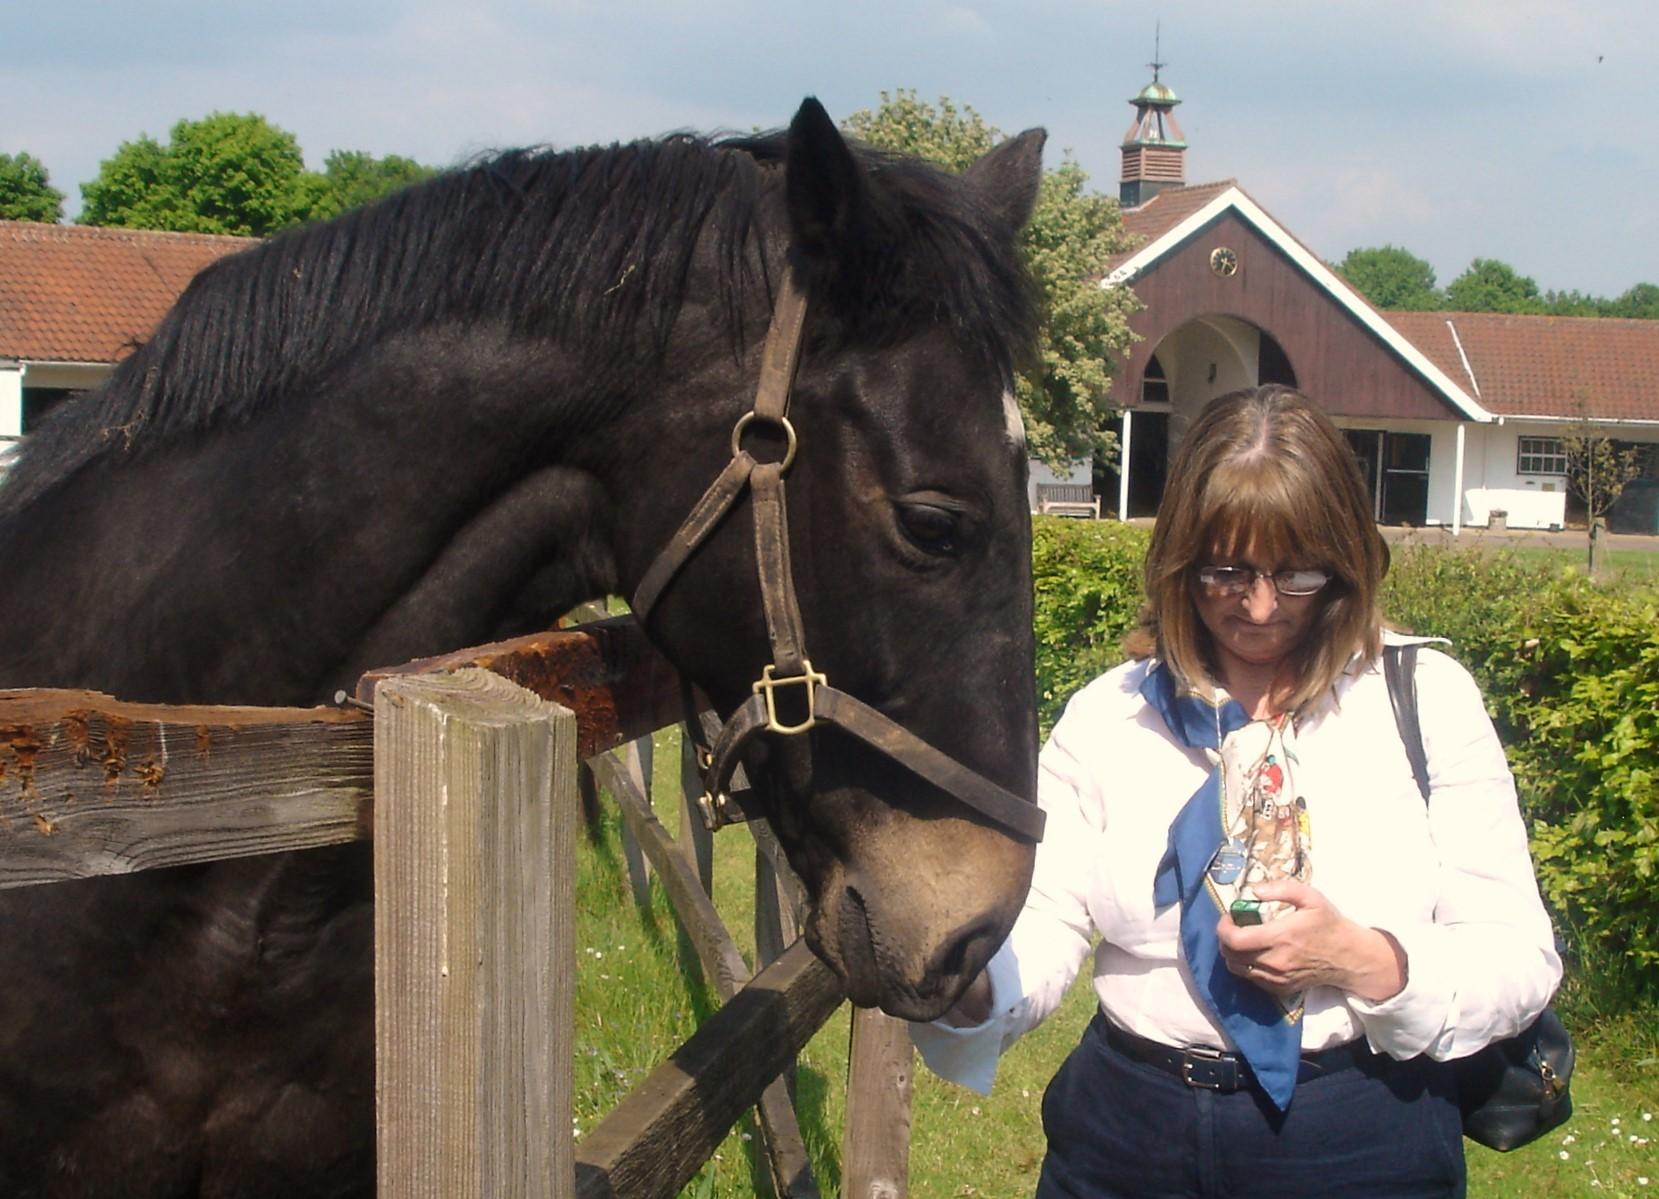 Die Pferde werden mit Tic-Tac-Mints verwöhnt